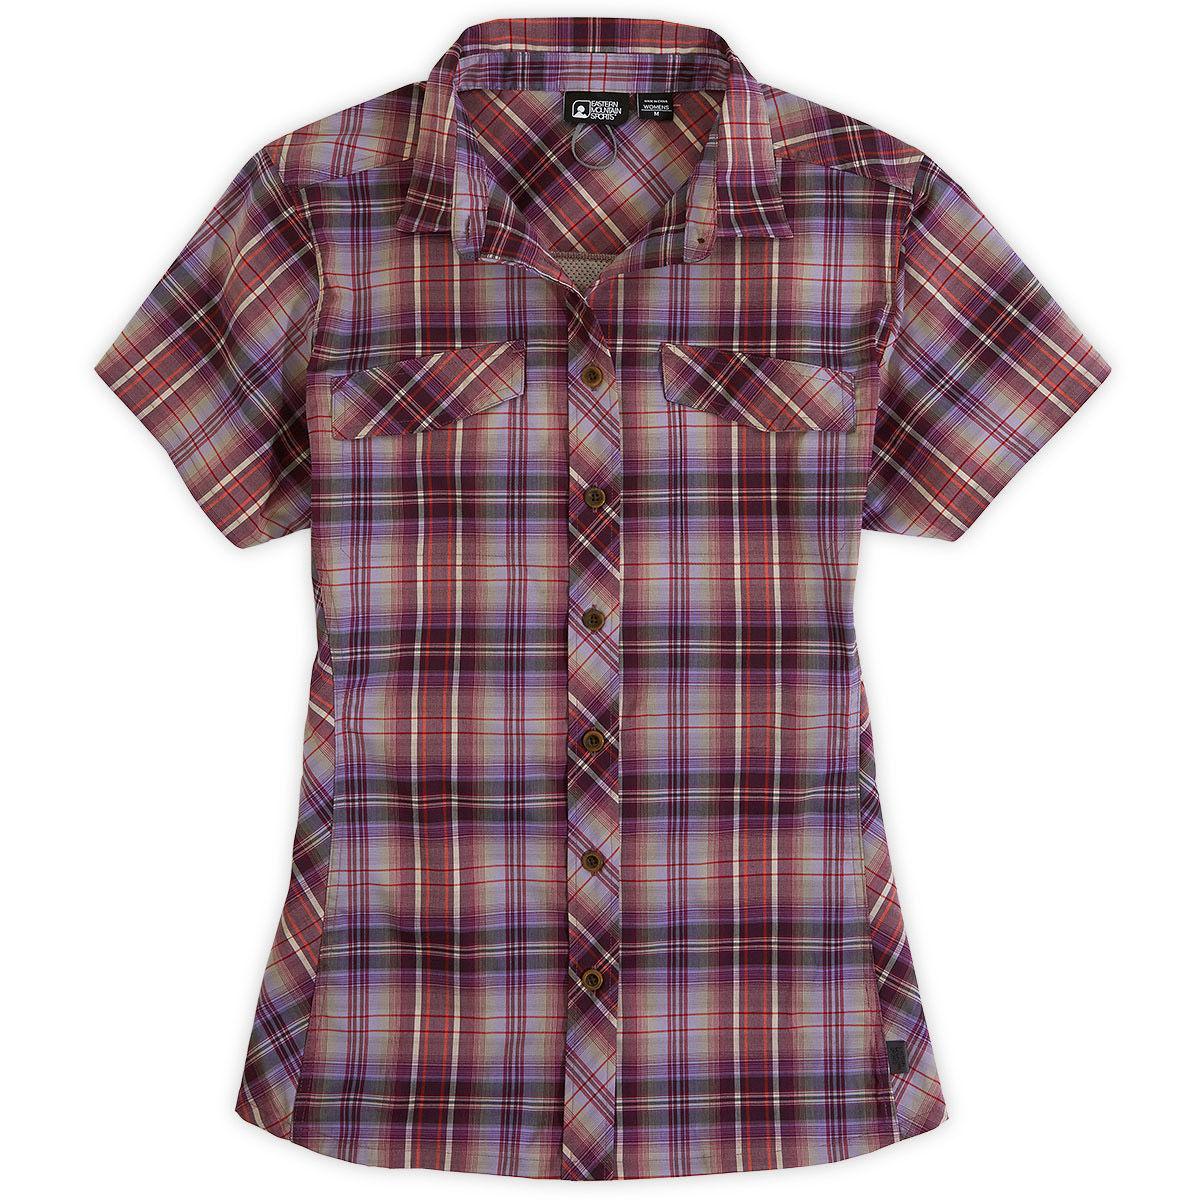 EMS Trailhead Plaid Shirt, S/S